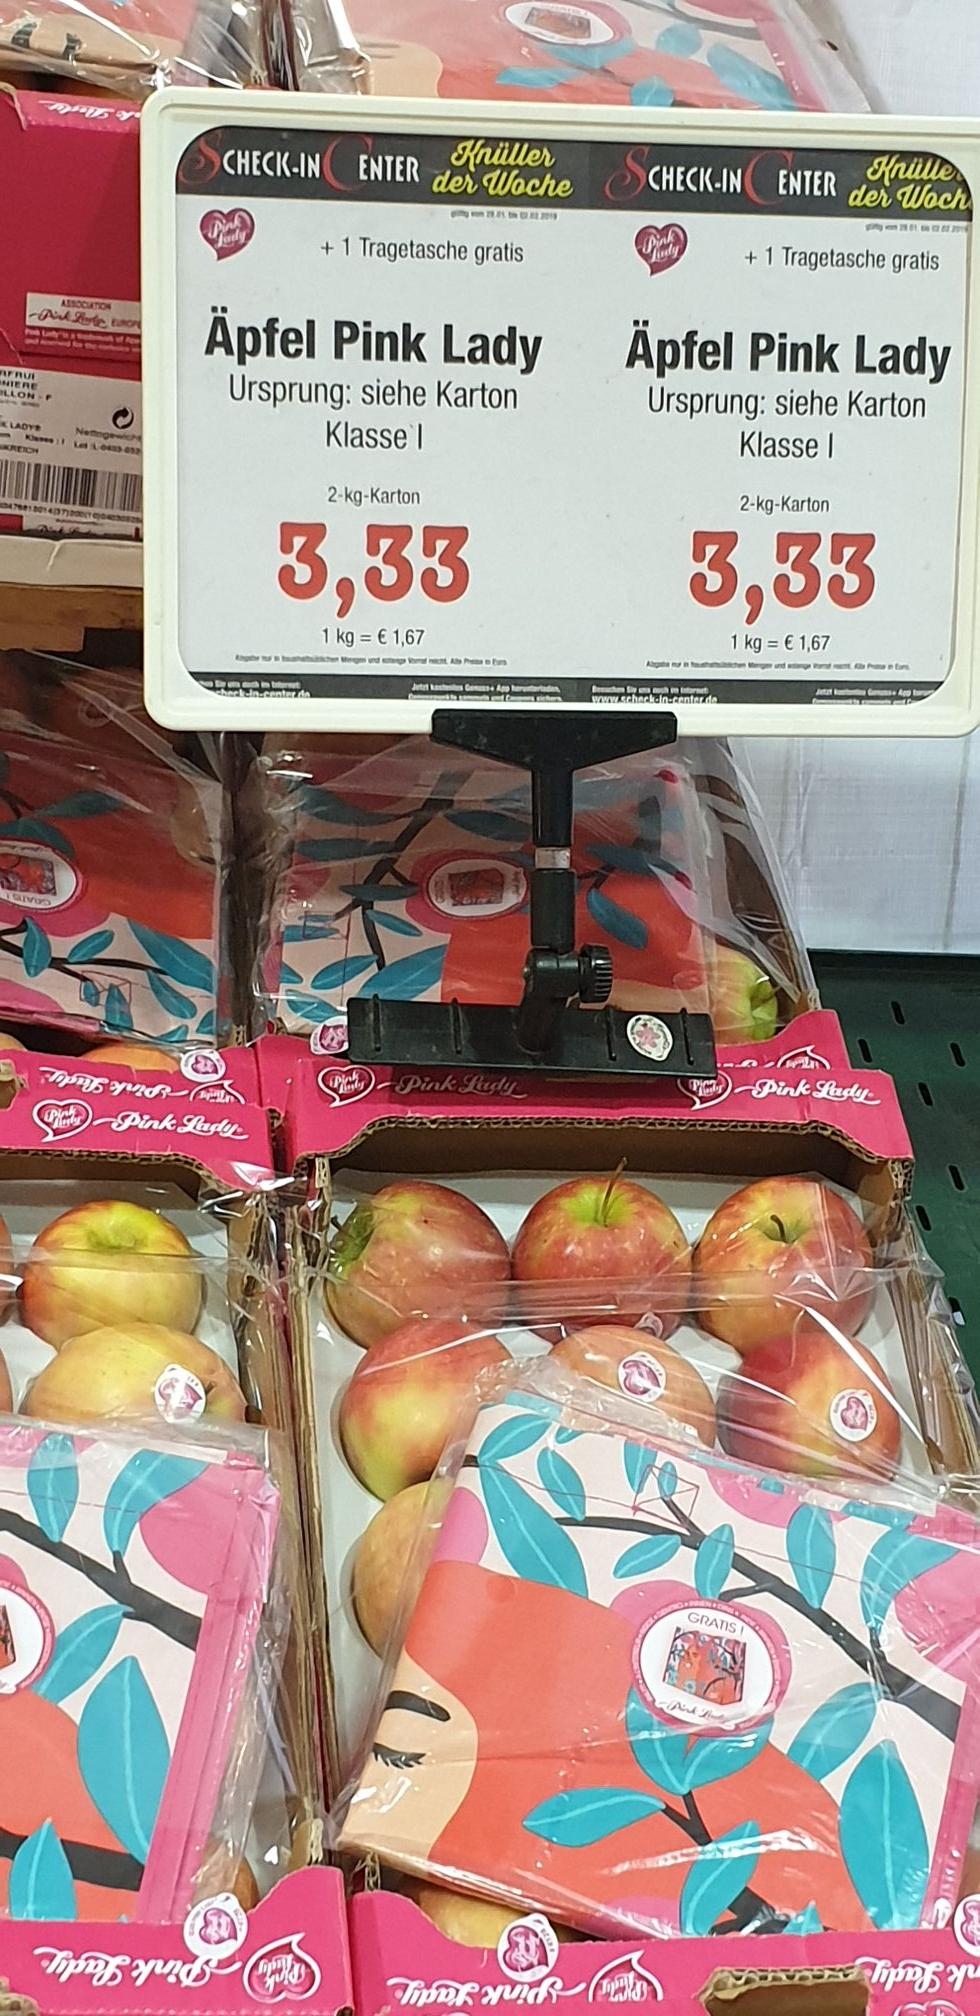 2kg Pink Lady Äpfel für 3,33€!! 1,67€ pro Kilo [evt. nur lokal Karlsruhe]